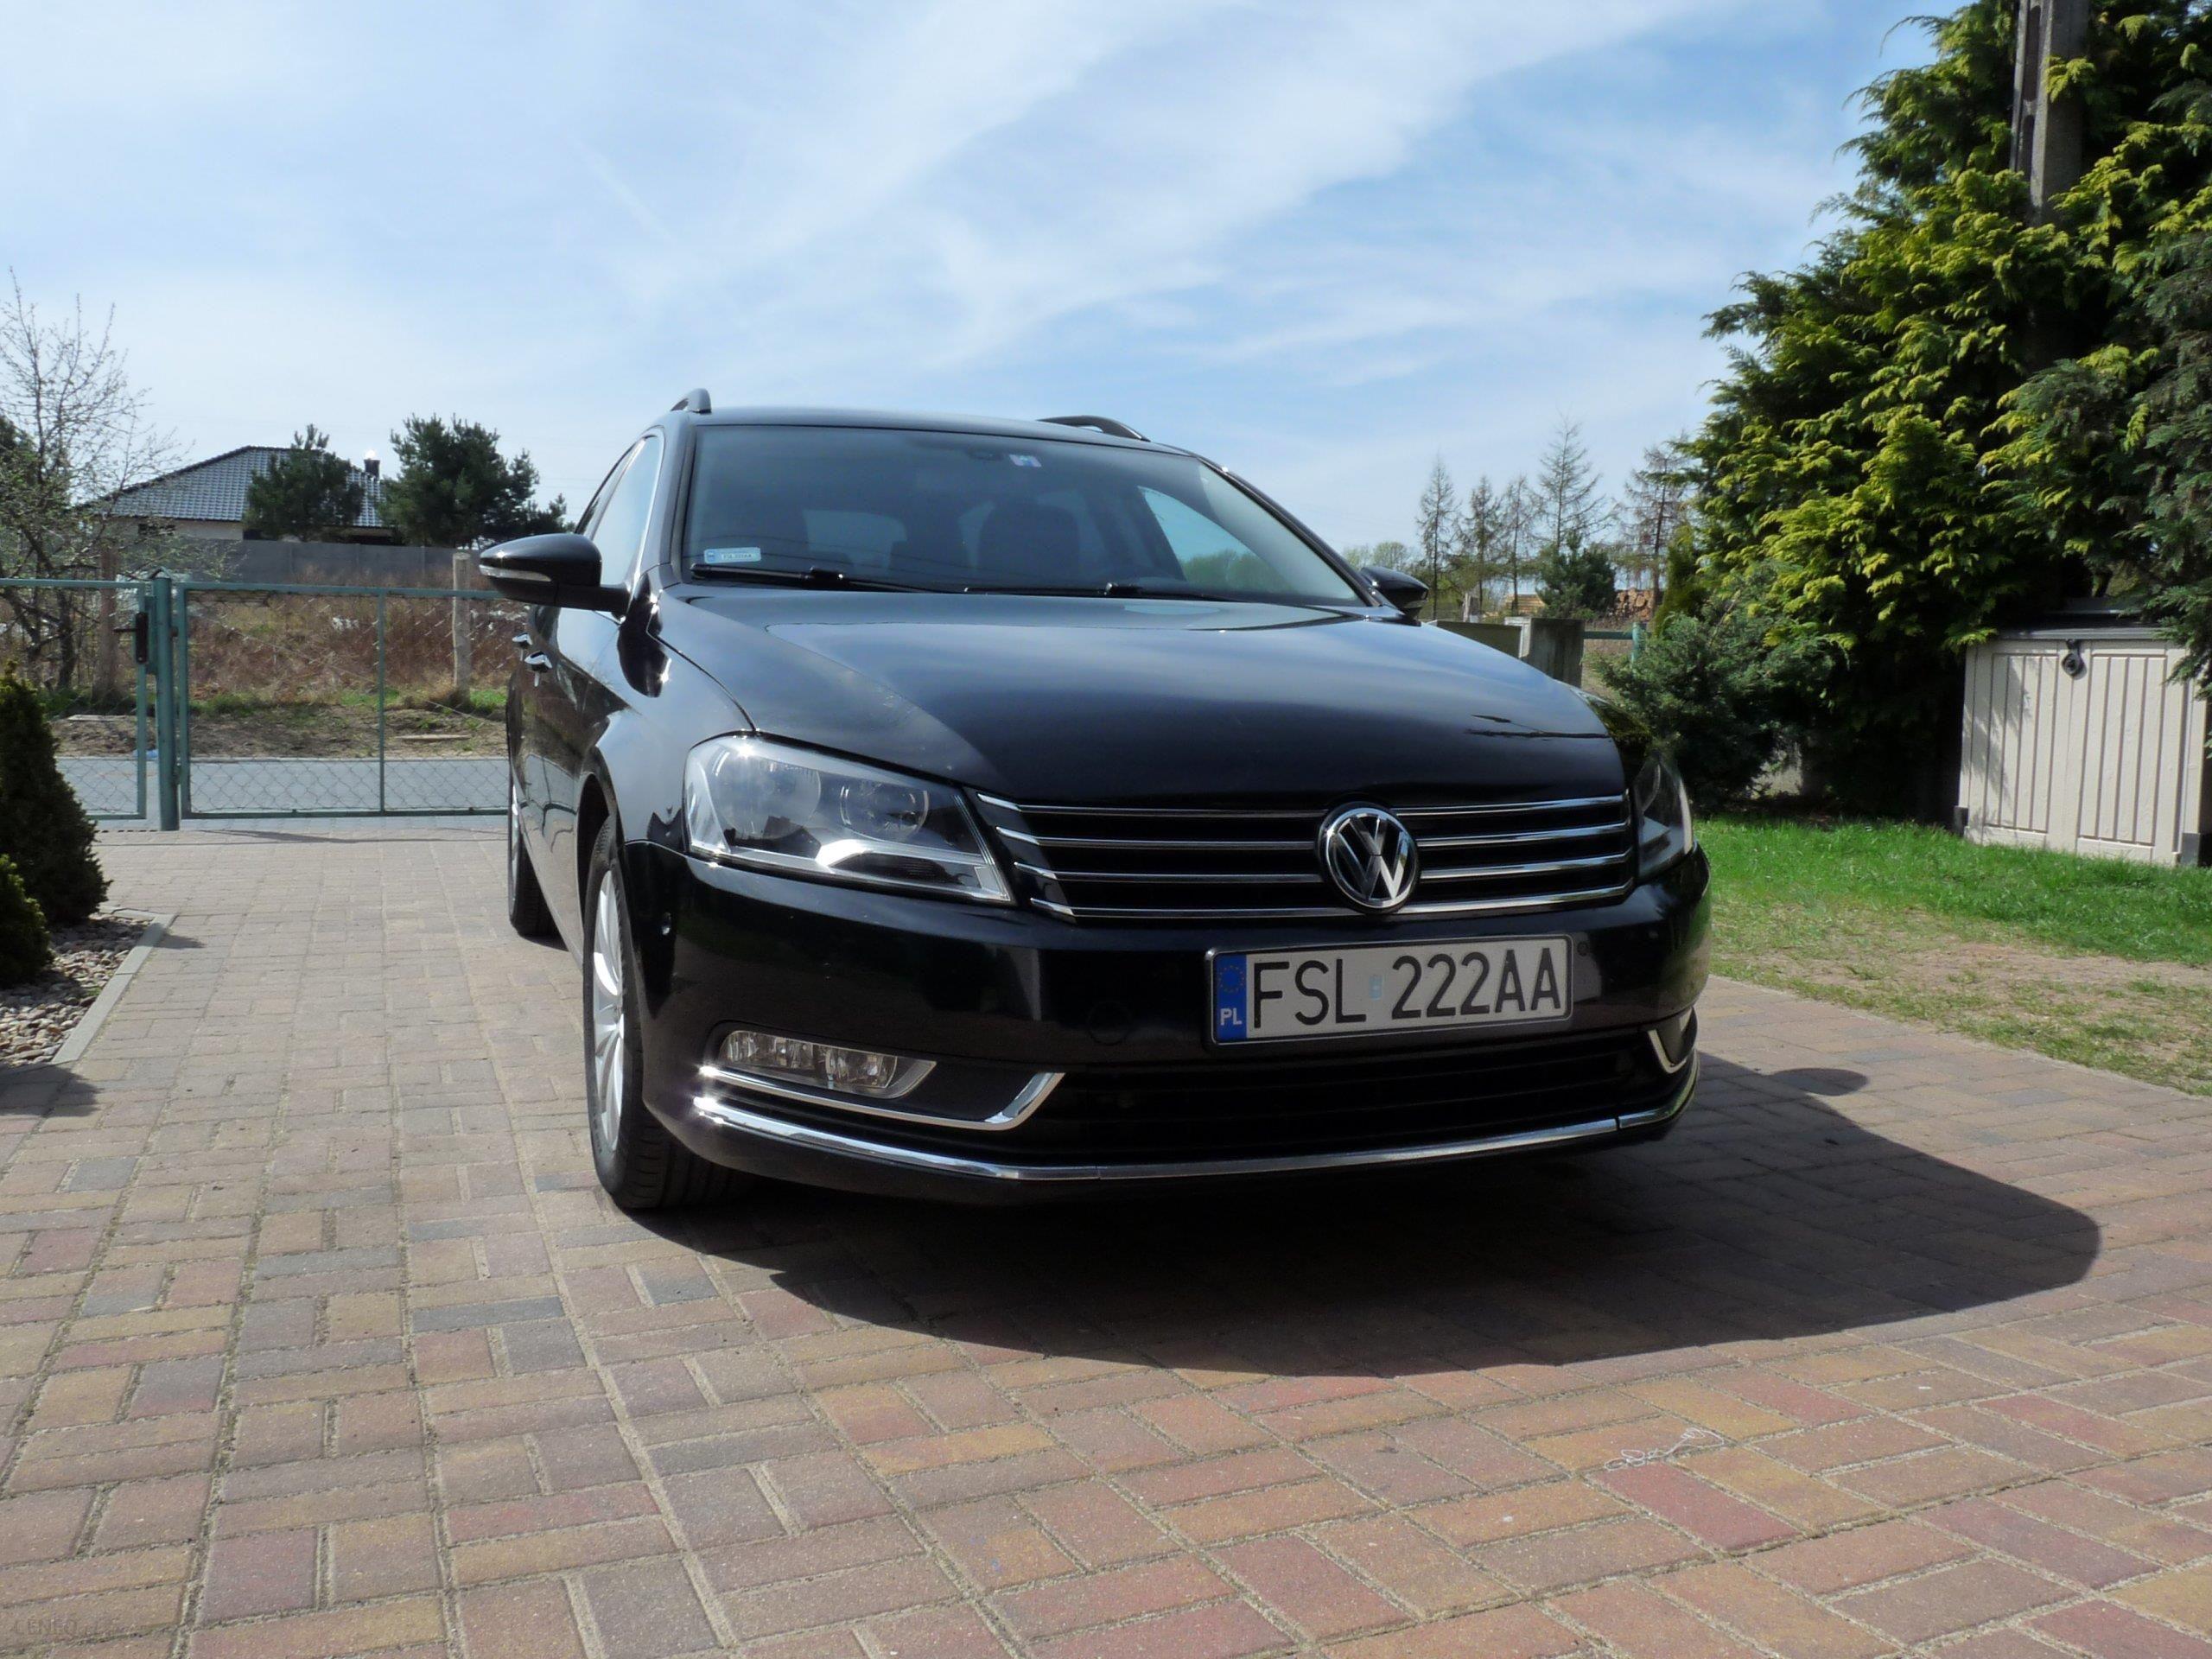 volkswagen passat b7 2012 diesel 140km kombi czarny. Black Bedroom Furniture Sets. Home Design Ideas